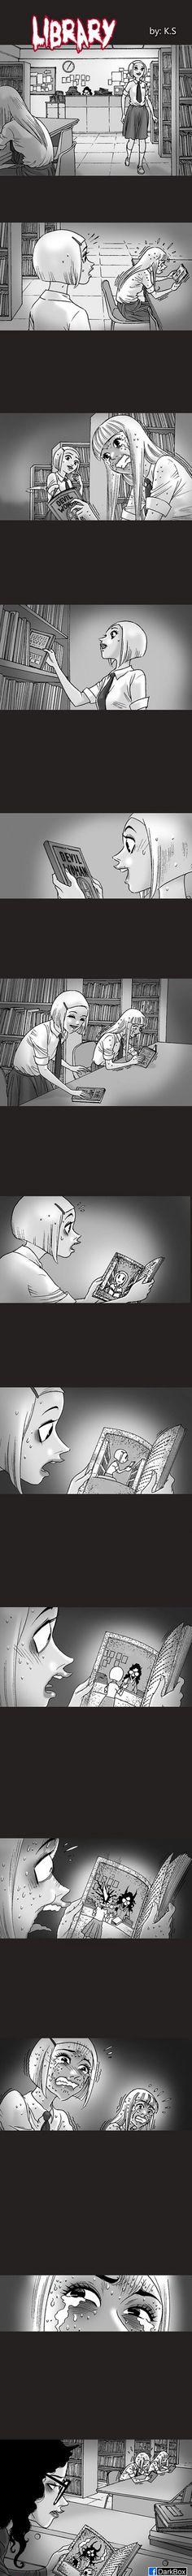 Cuando lees tu futuro